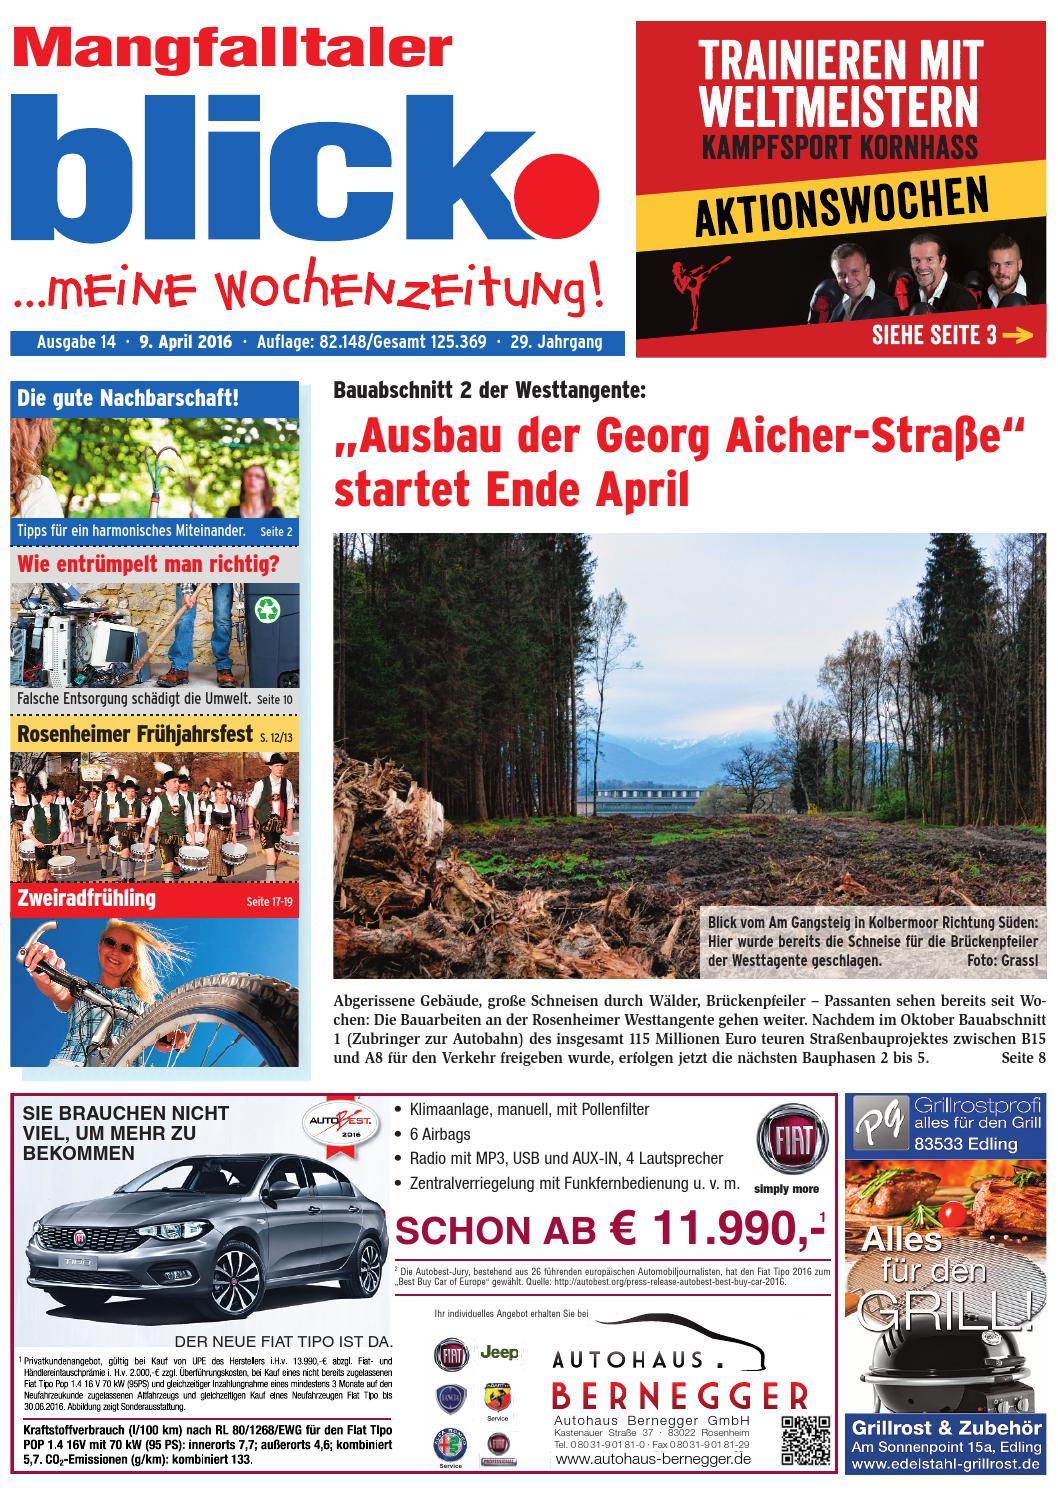 Mangfalltaler Blick Ausgabe 14 2016 By Blickpunkt Verlag